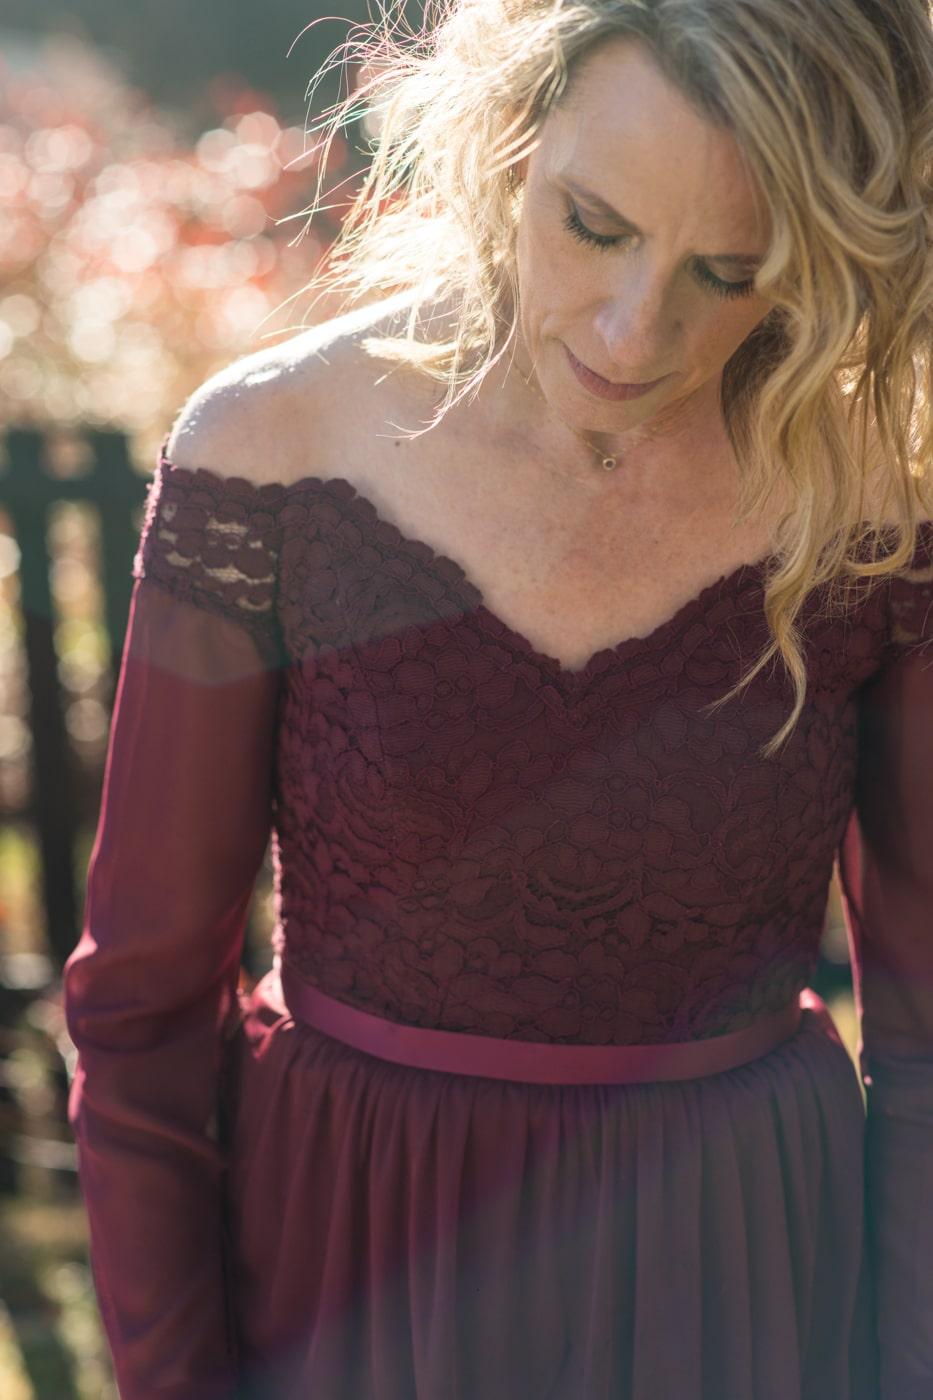 bride in burgundy dress looks down